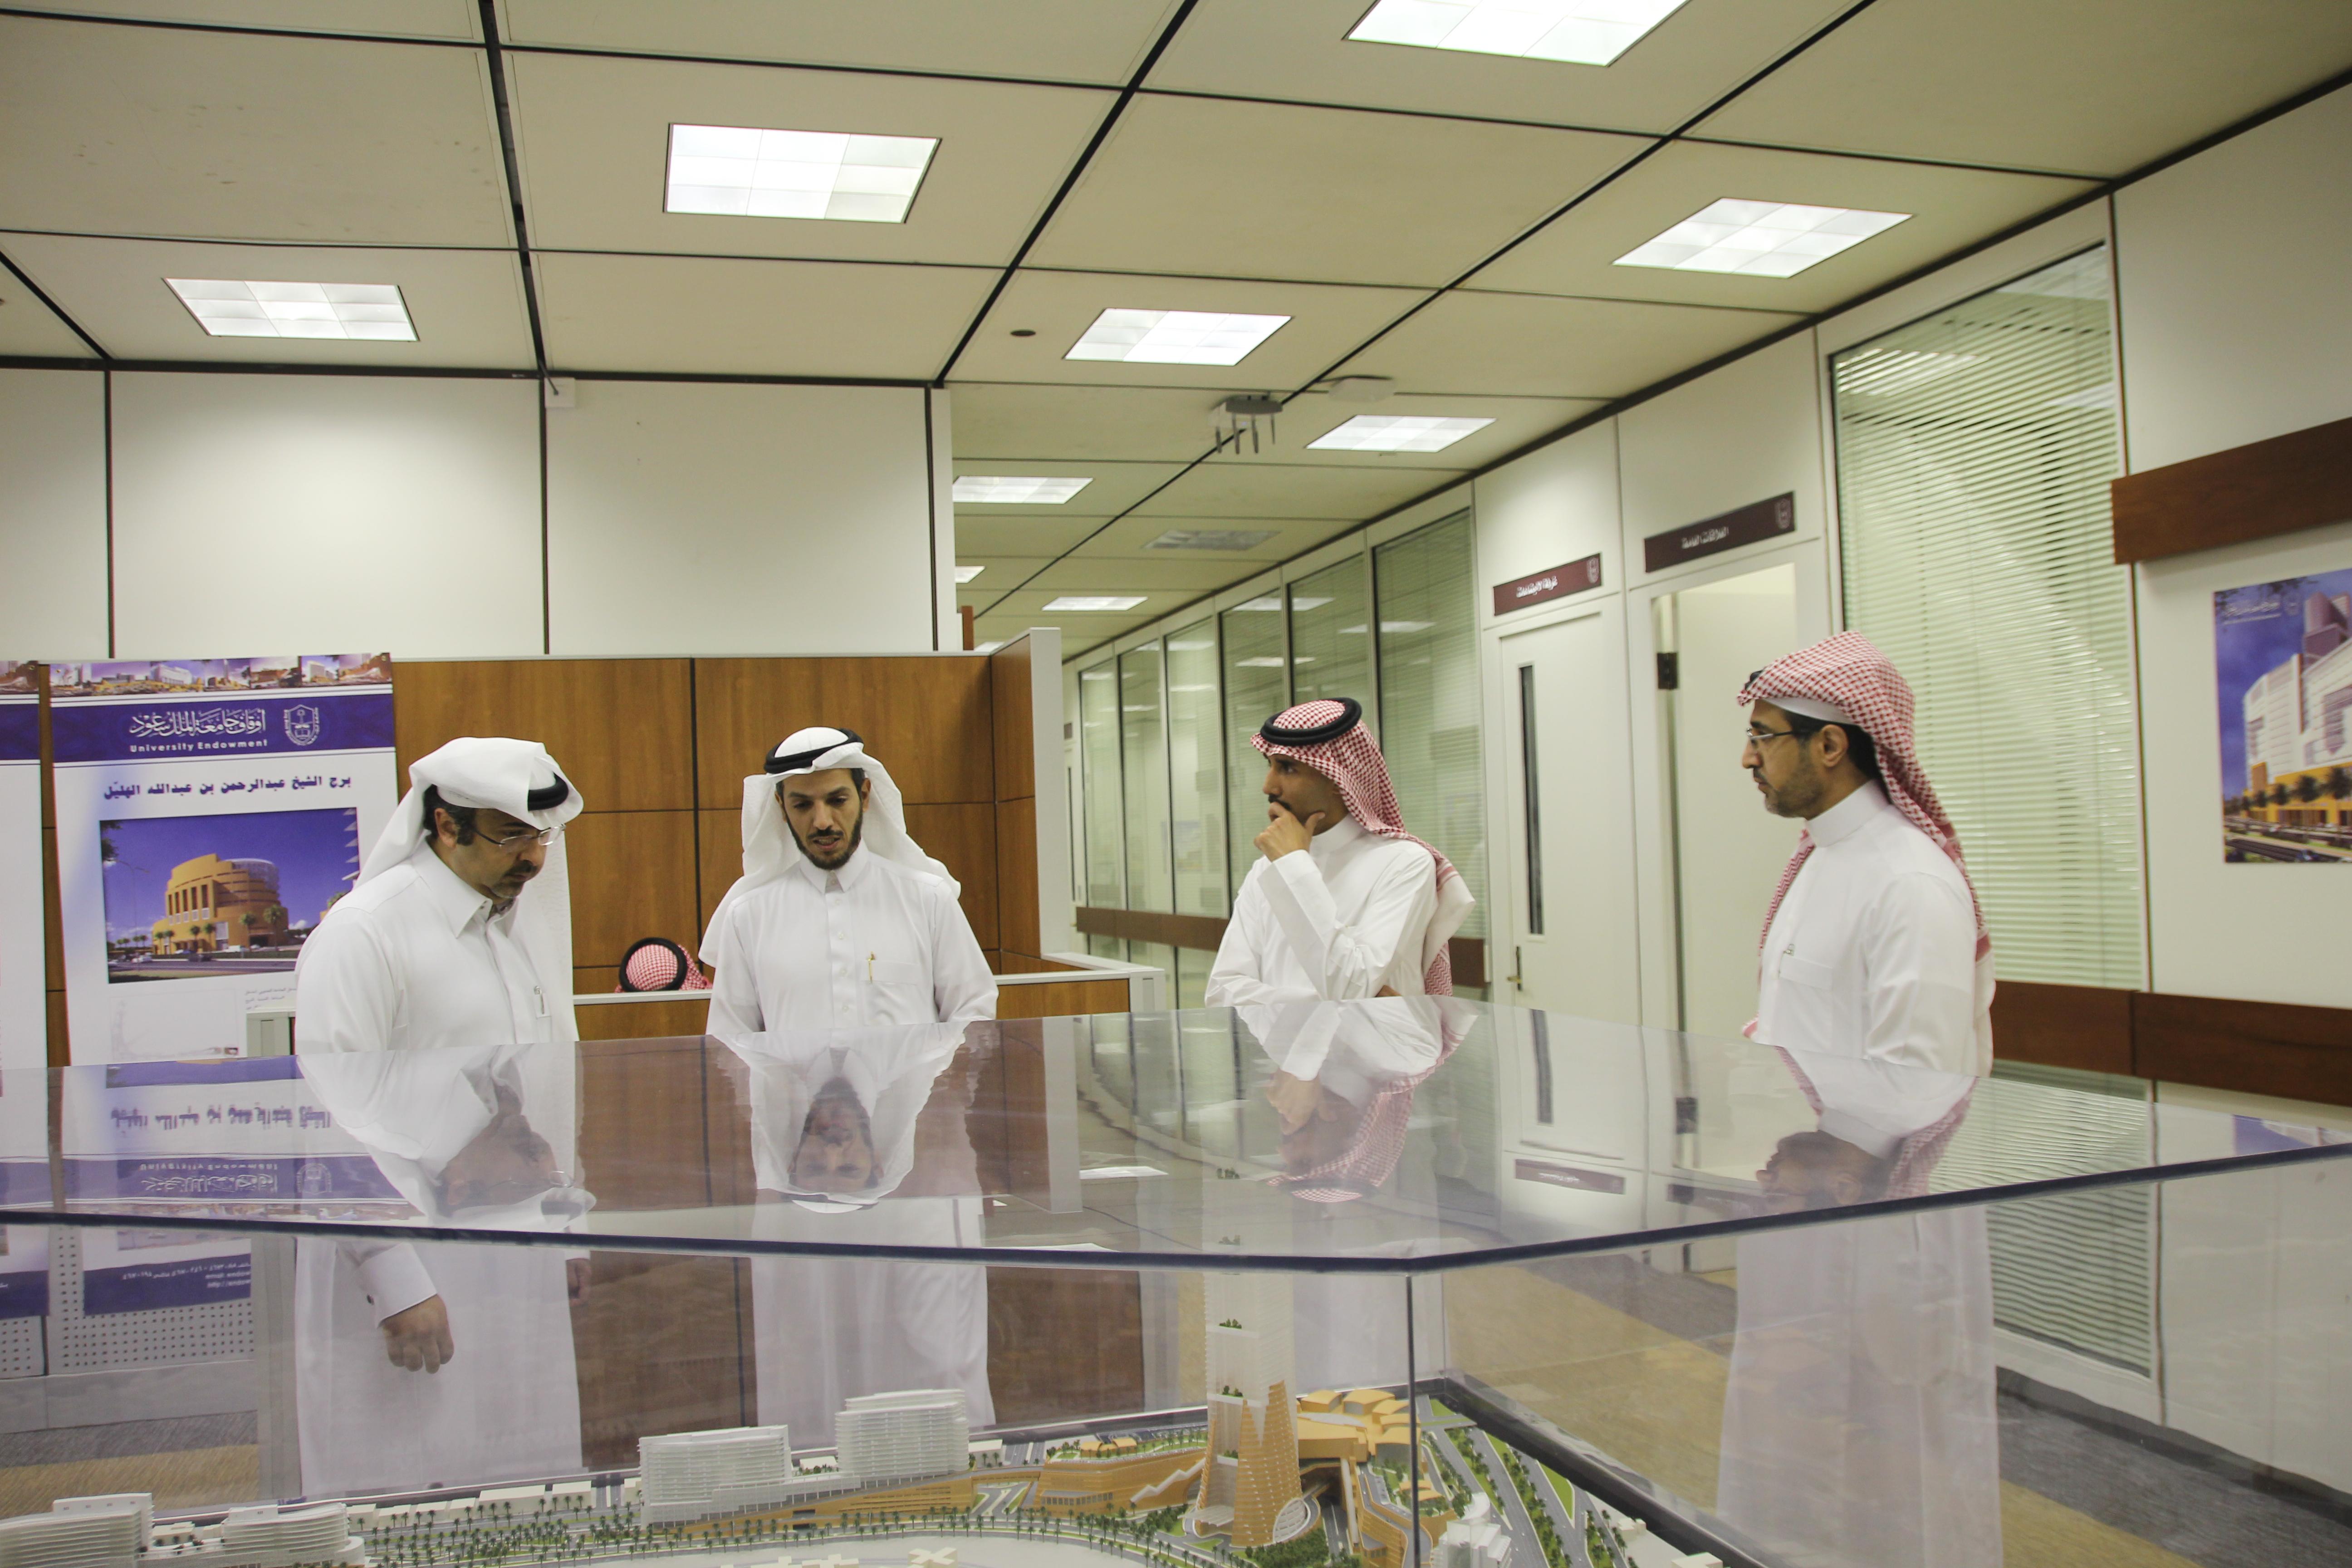 أمين عام أوقاف جامعة الملك سعود يستقبل نائب الرئيس التنفيذي لمجموعة دلة البركة بالمنطقة الوسطى